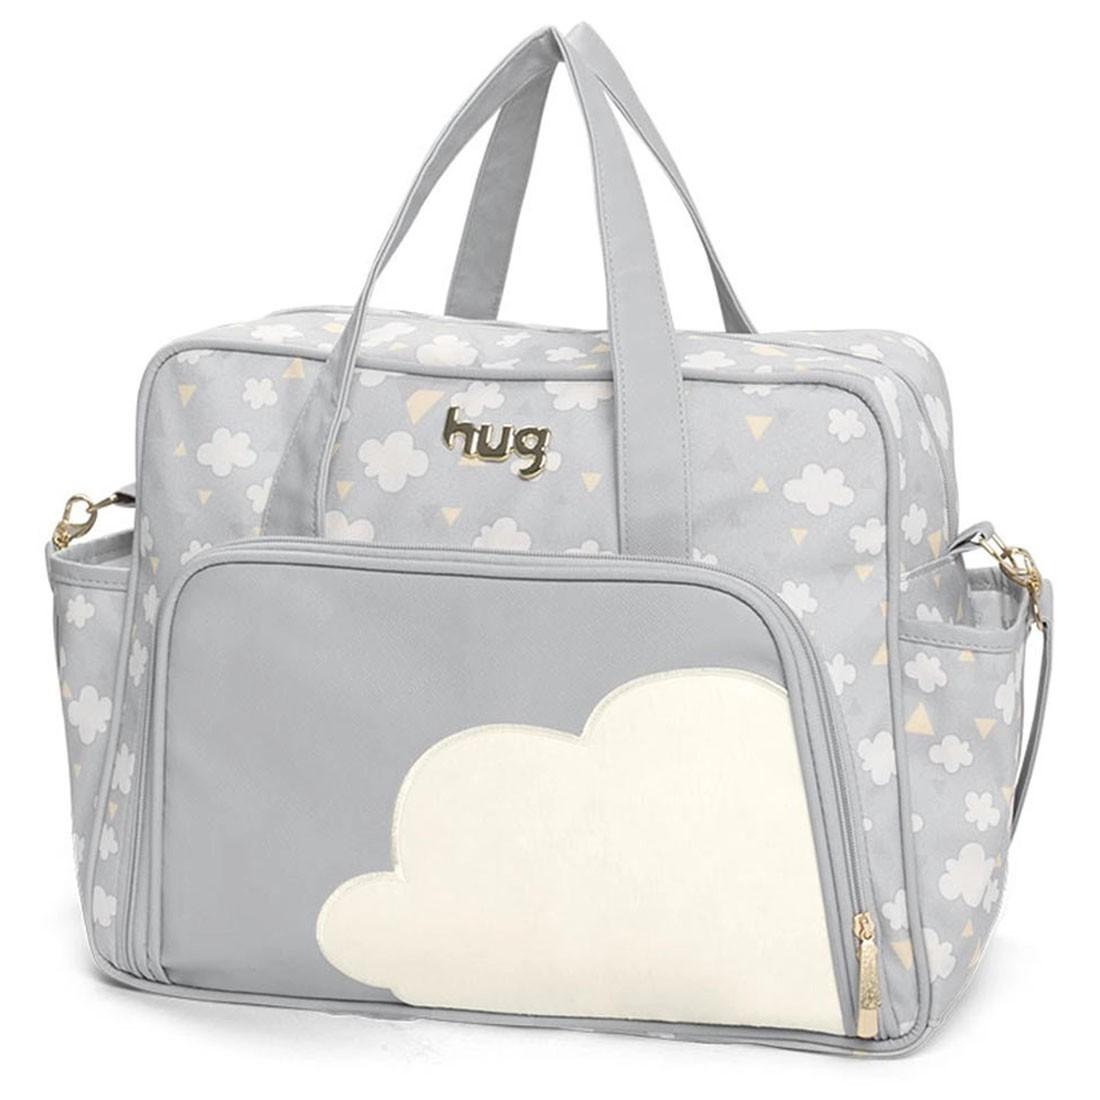 Bolsa Maternidade Hug Nuvens Grande com Trocador